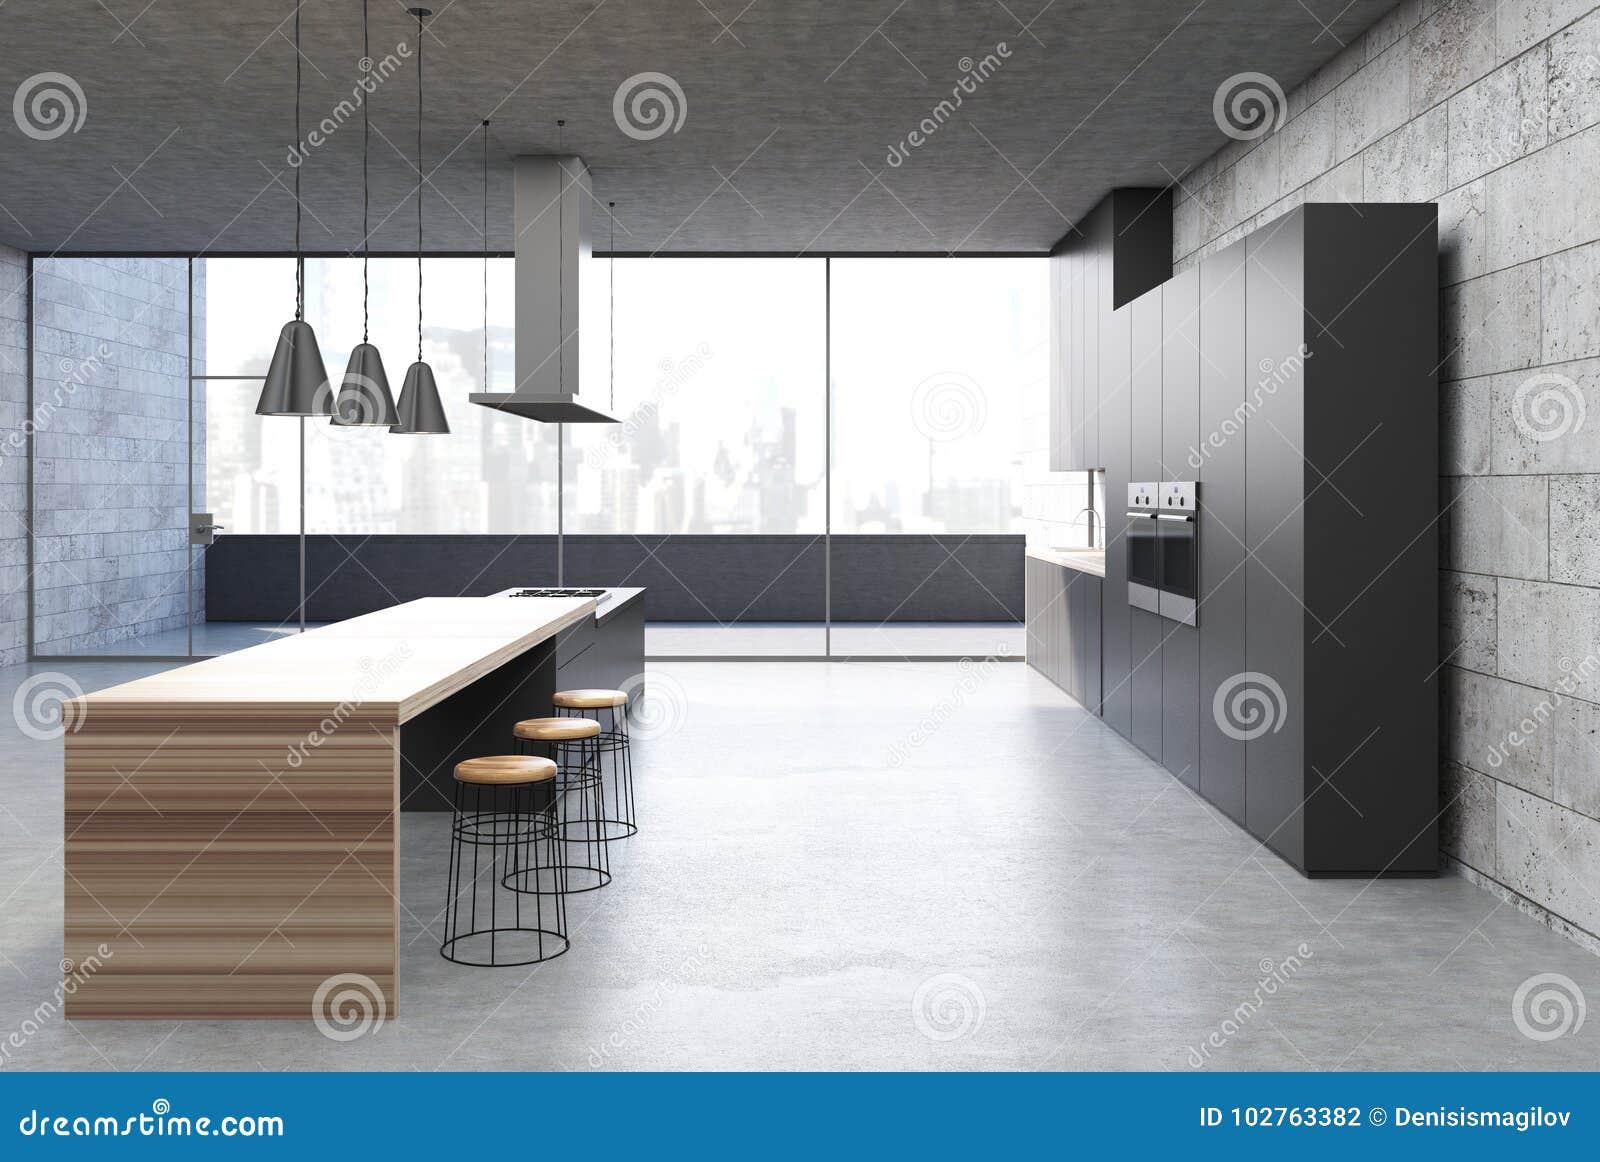 3d Fußboden Küche ~ Konkrete küche innen schwarze kabinette stange stock abbildung